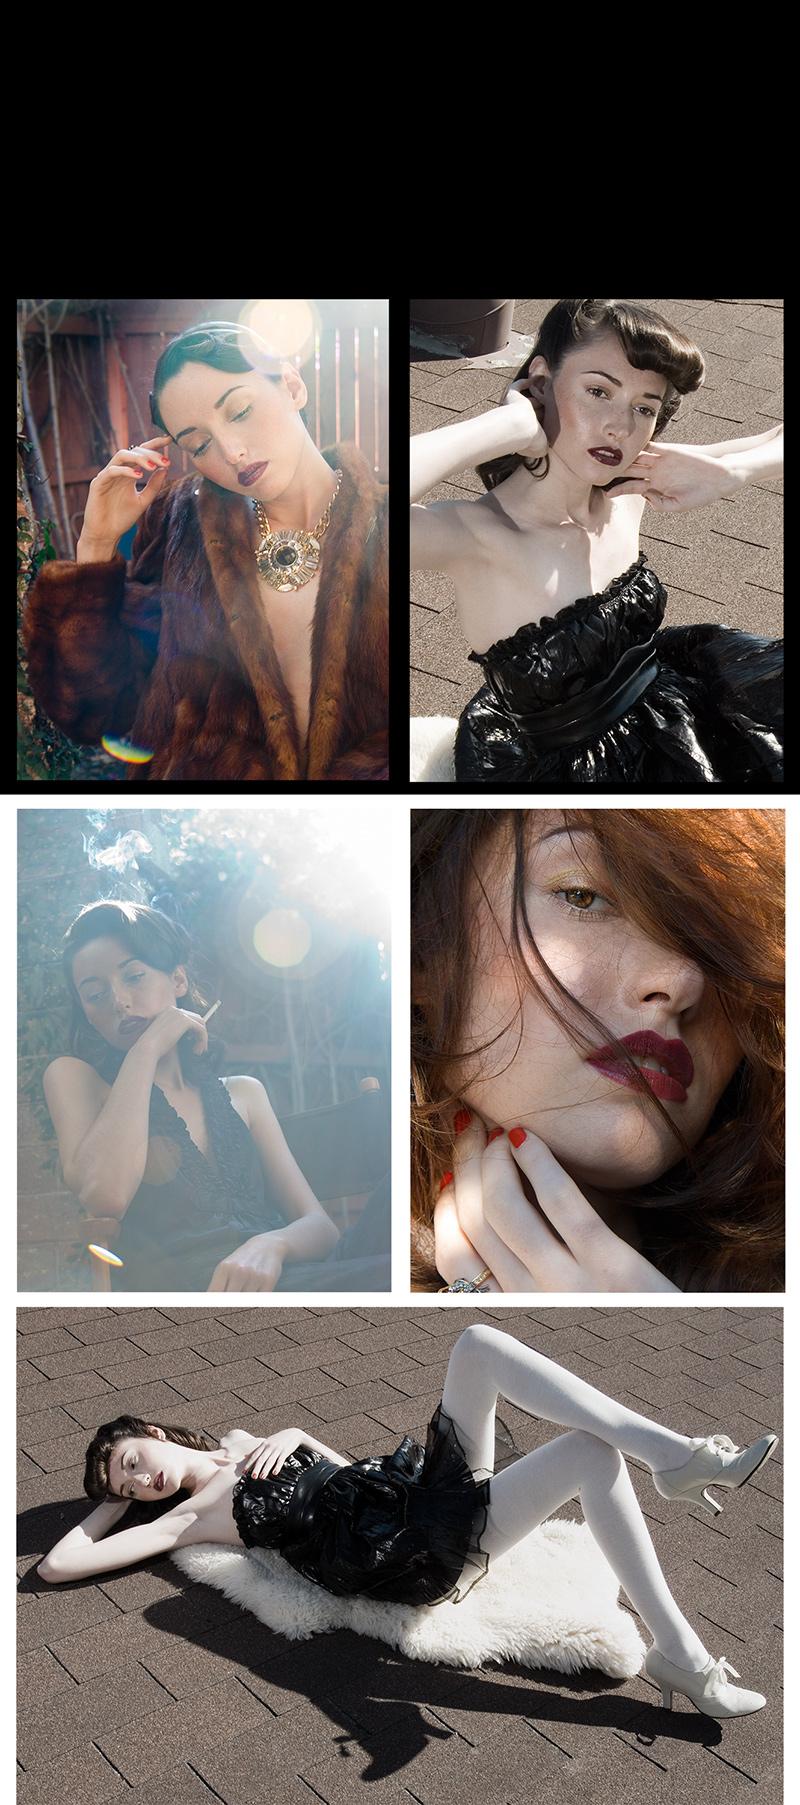 Dec 23, 2007 Model:Gina